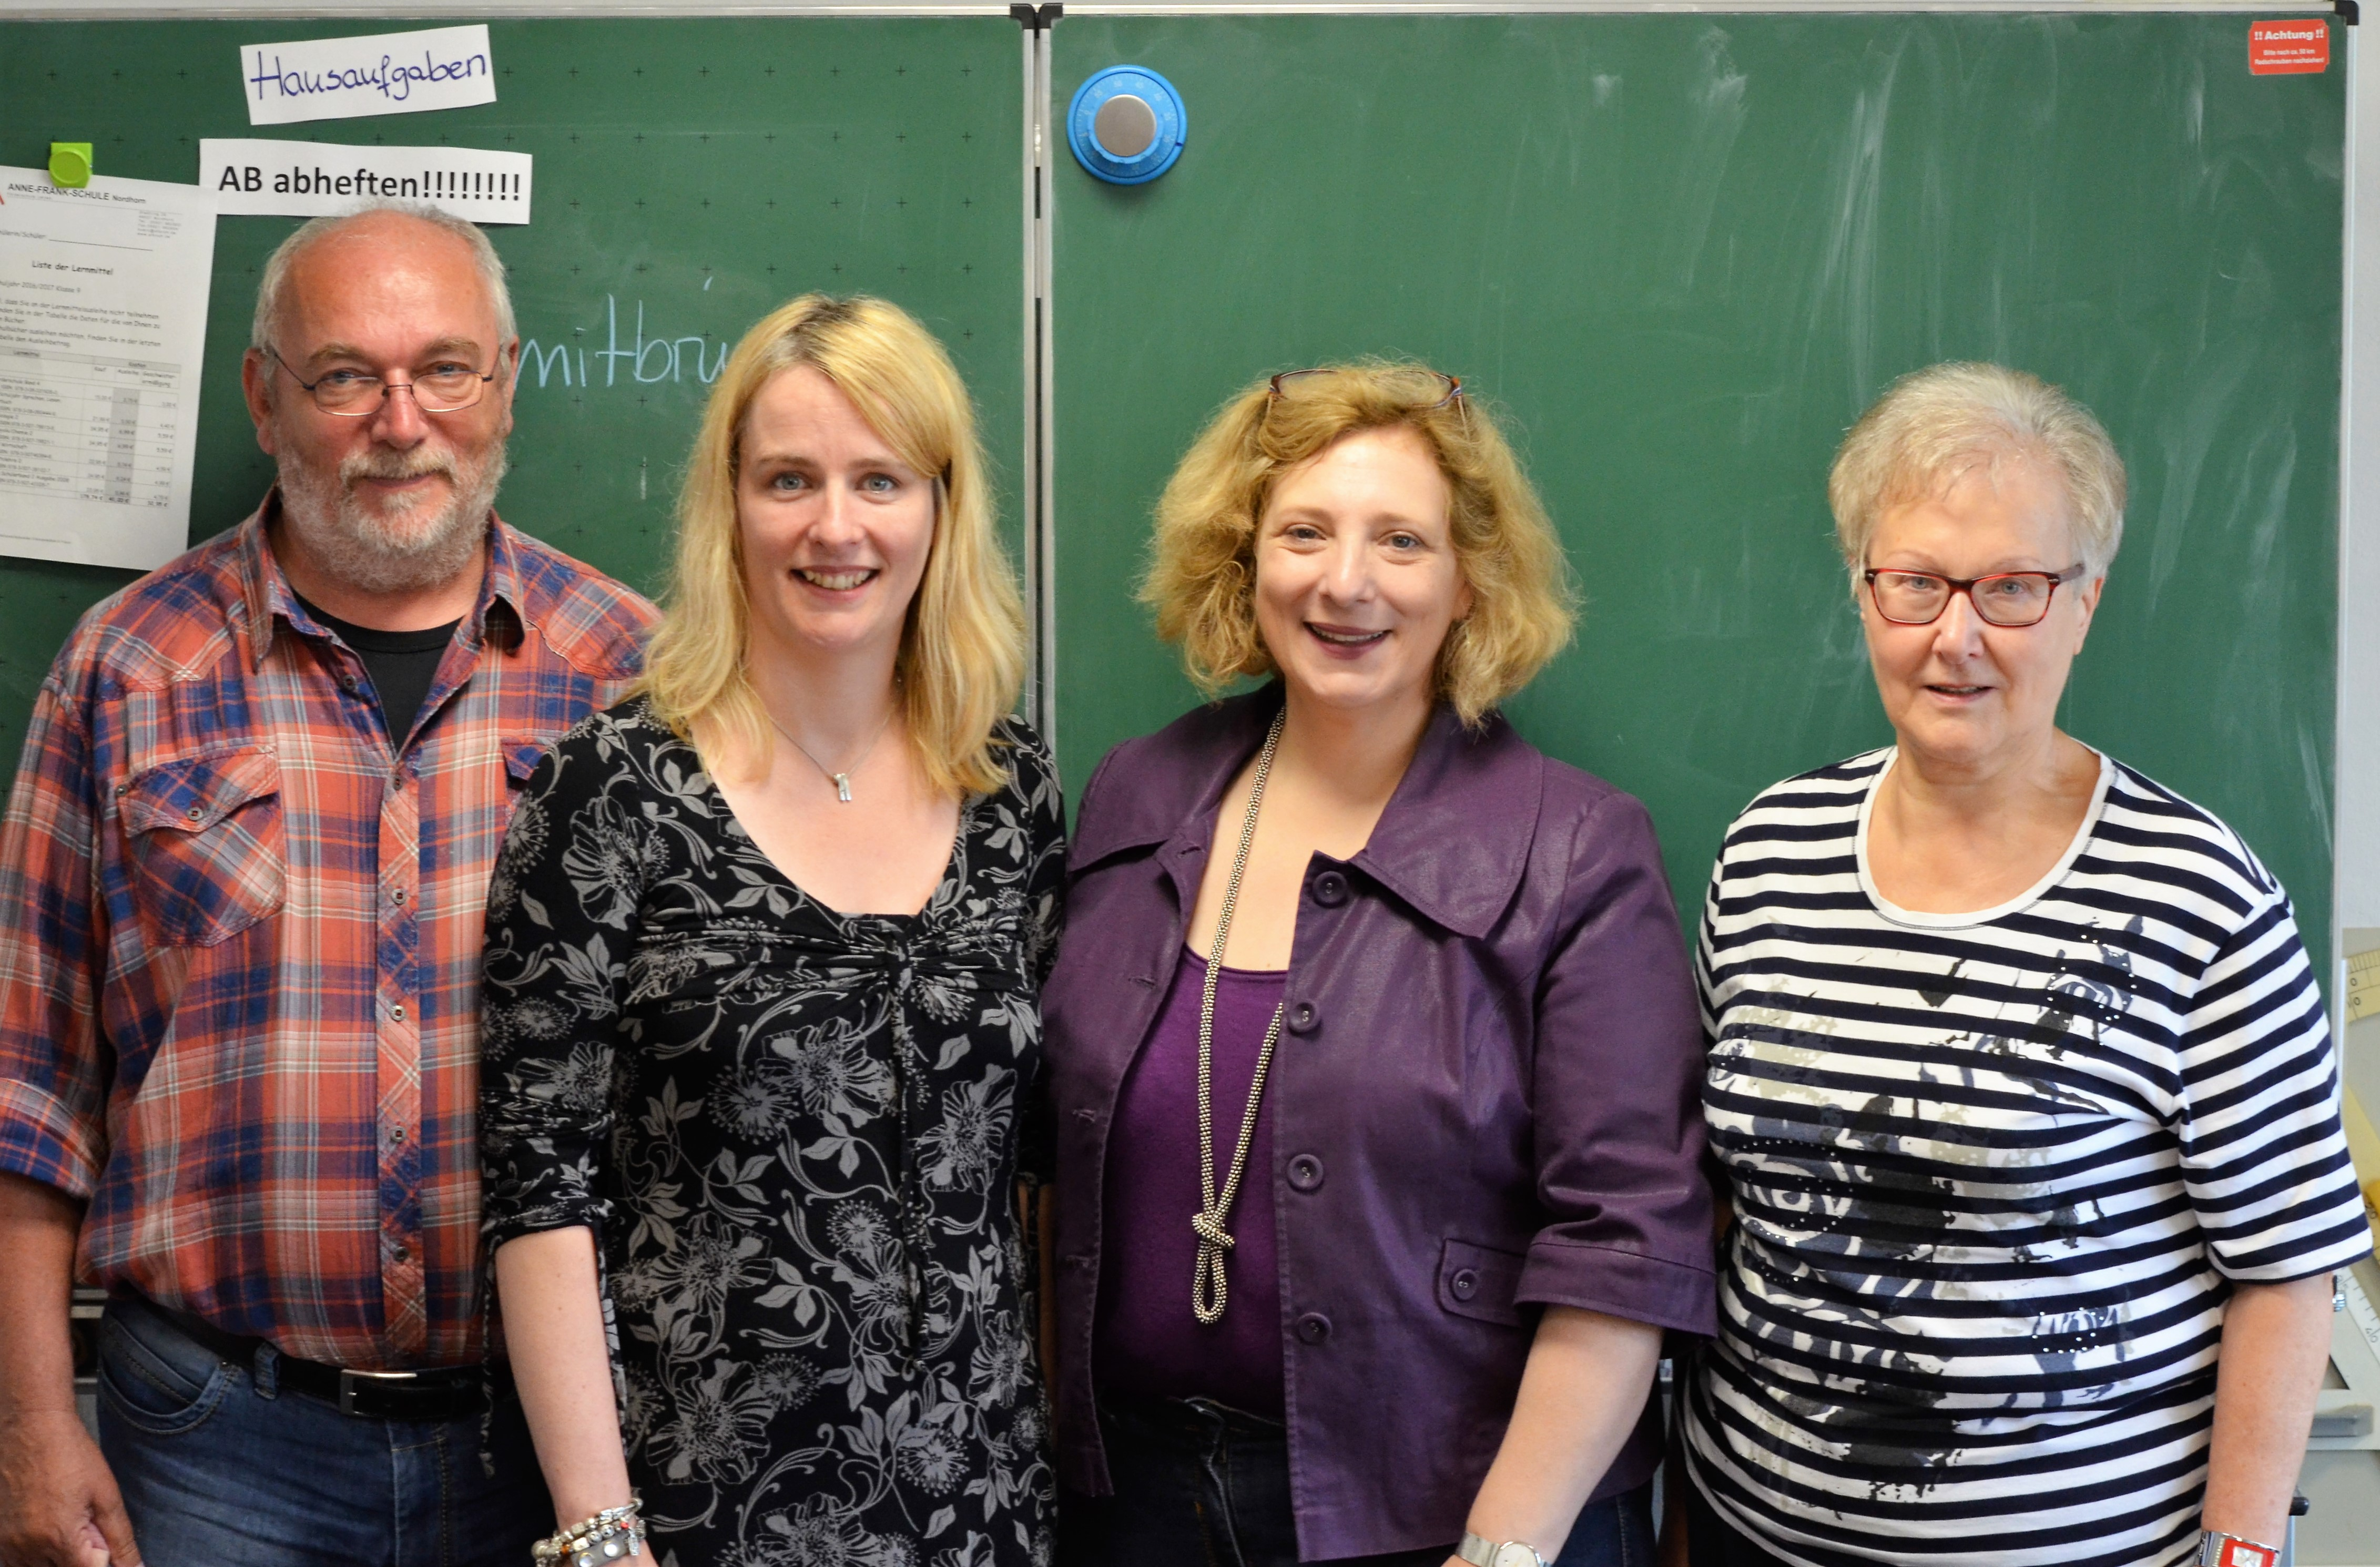 V.l.n.r. - Schulleiter Josef Lakeberg, Lehrerin Petra Wegener, Dr. Daniela De Ridder, Helga van Slooten